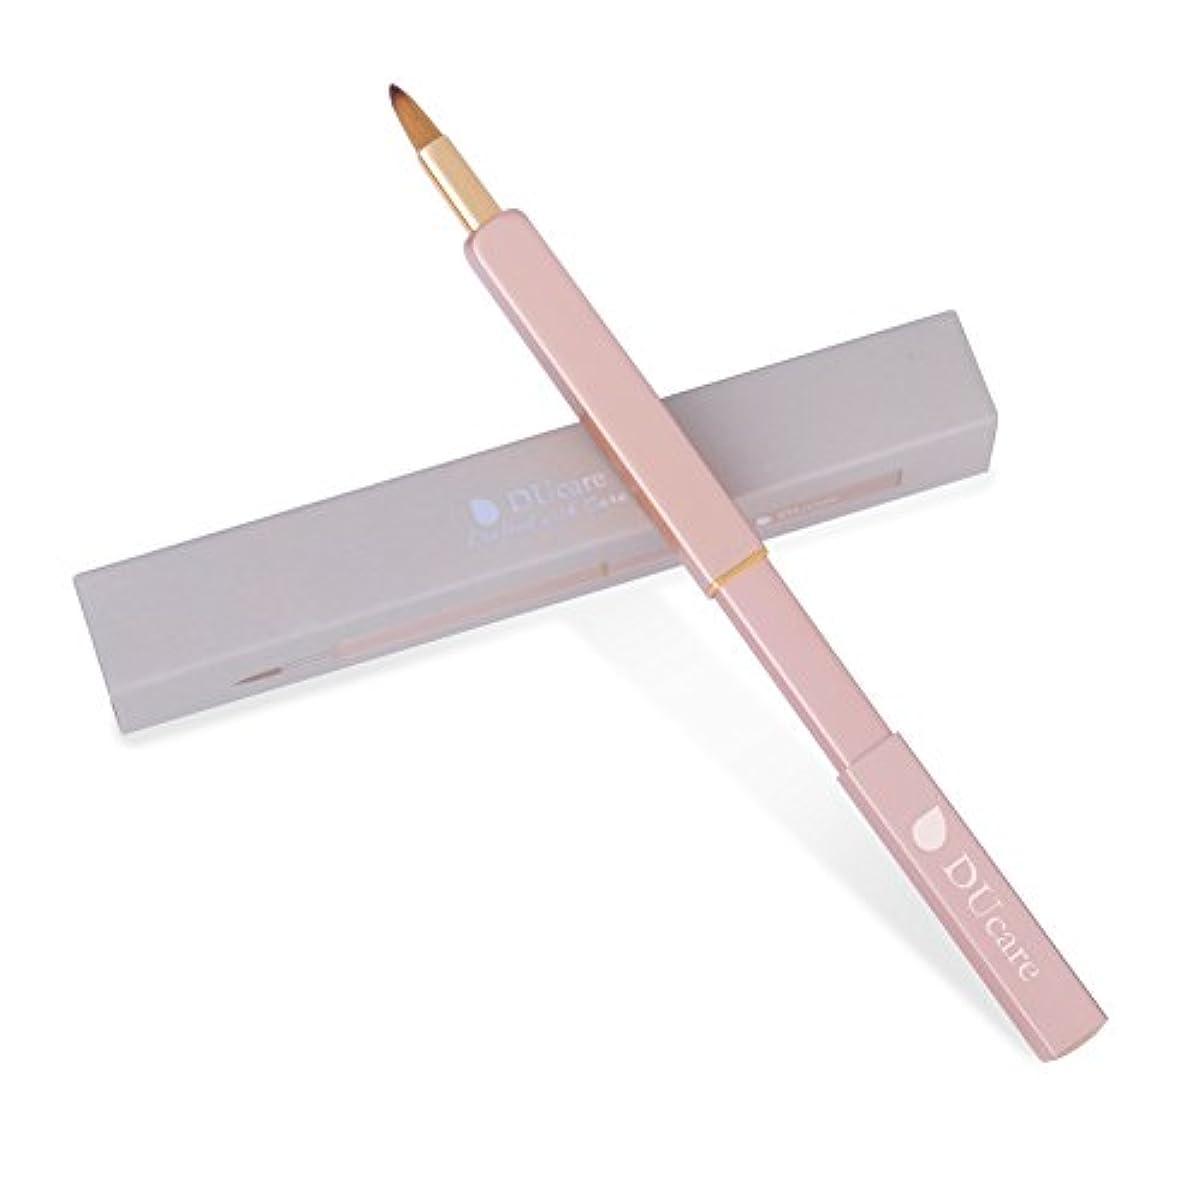 実現可能性再生聞きますDUcare ドゥケア 化粧筆 携帯用リップブラシ スライド式 ゴージャズなシャンペン色 欧米セレブの間で爆発的な人気を呼んでいる